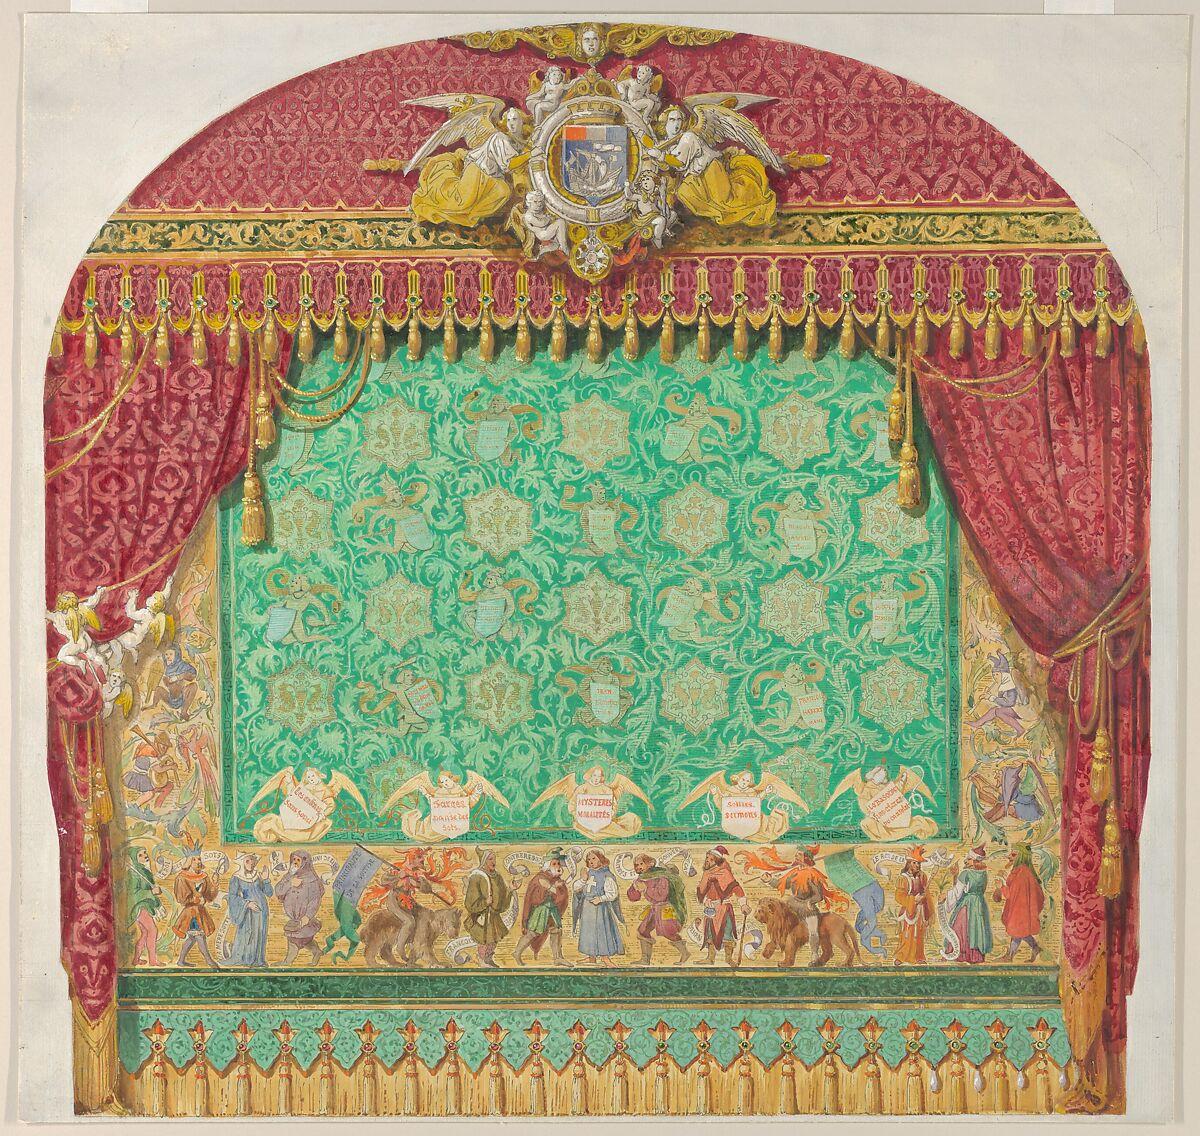 Manufacture Francaise Des Textiles D Ameublement aimé chenavard | design for a theater curtain | the met